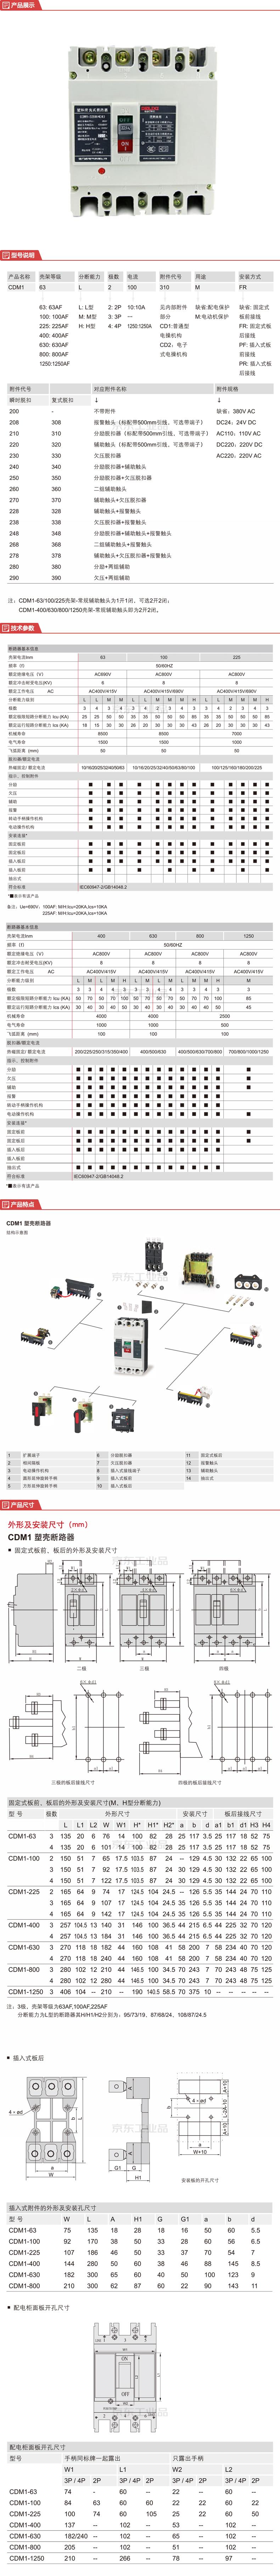 德力西电气 塑壳断路器,10个/箱;CDM1-250M/3300 200A